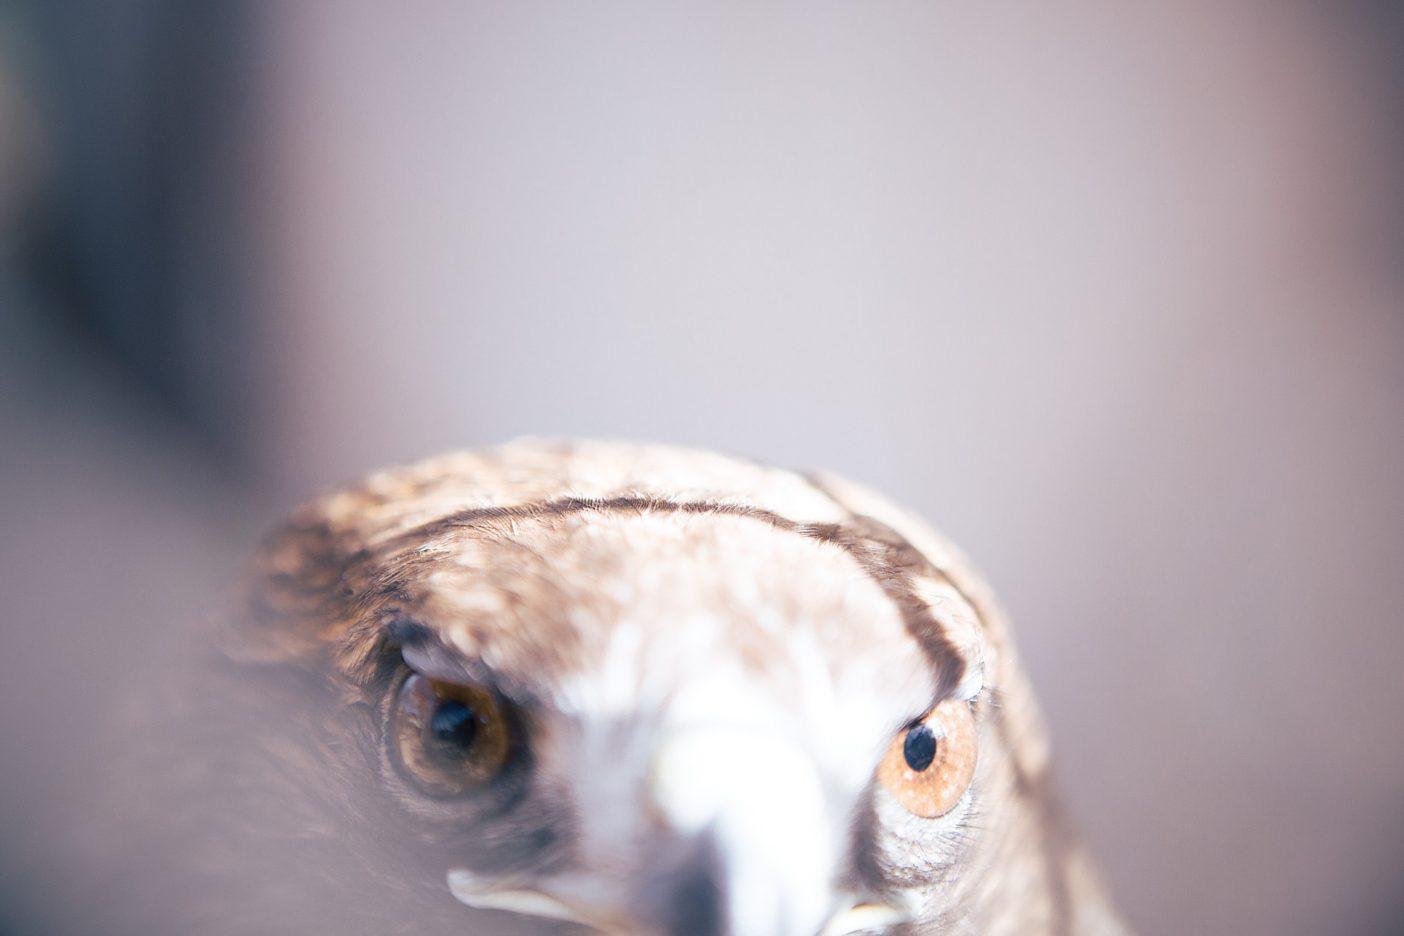 羽の軽さで、愛よりも重く【写真を追加してアップデート】